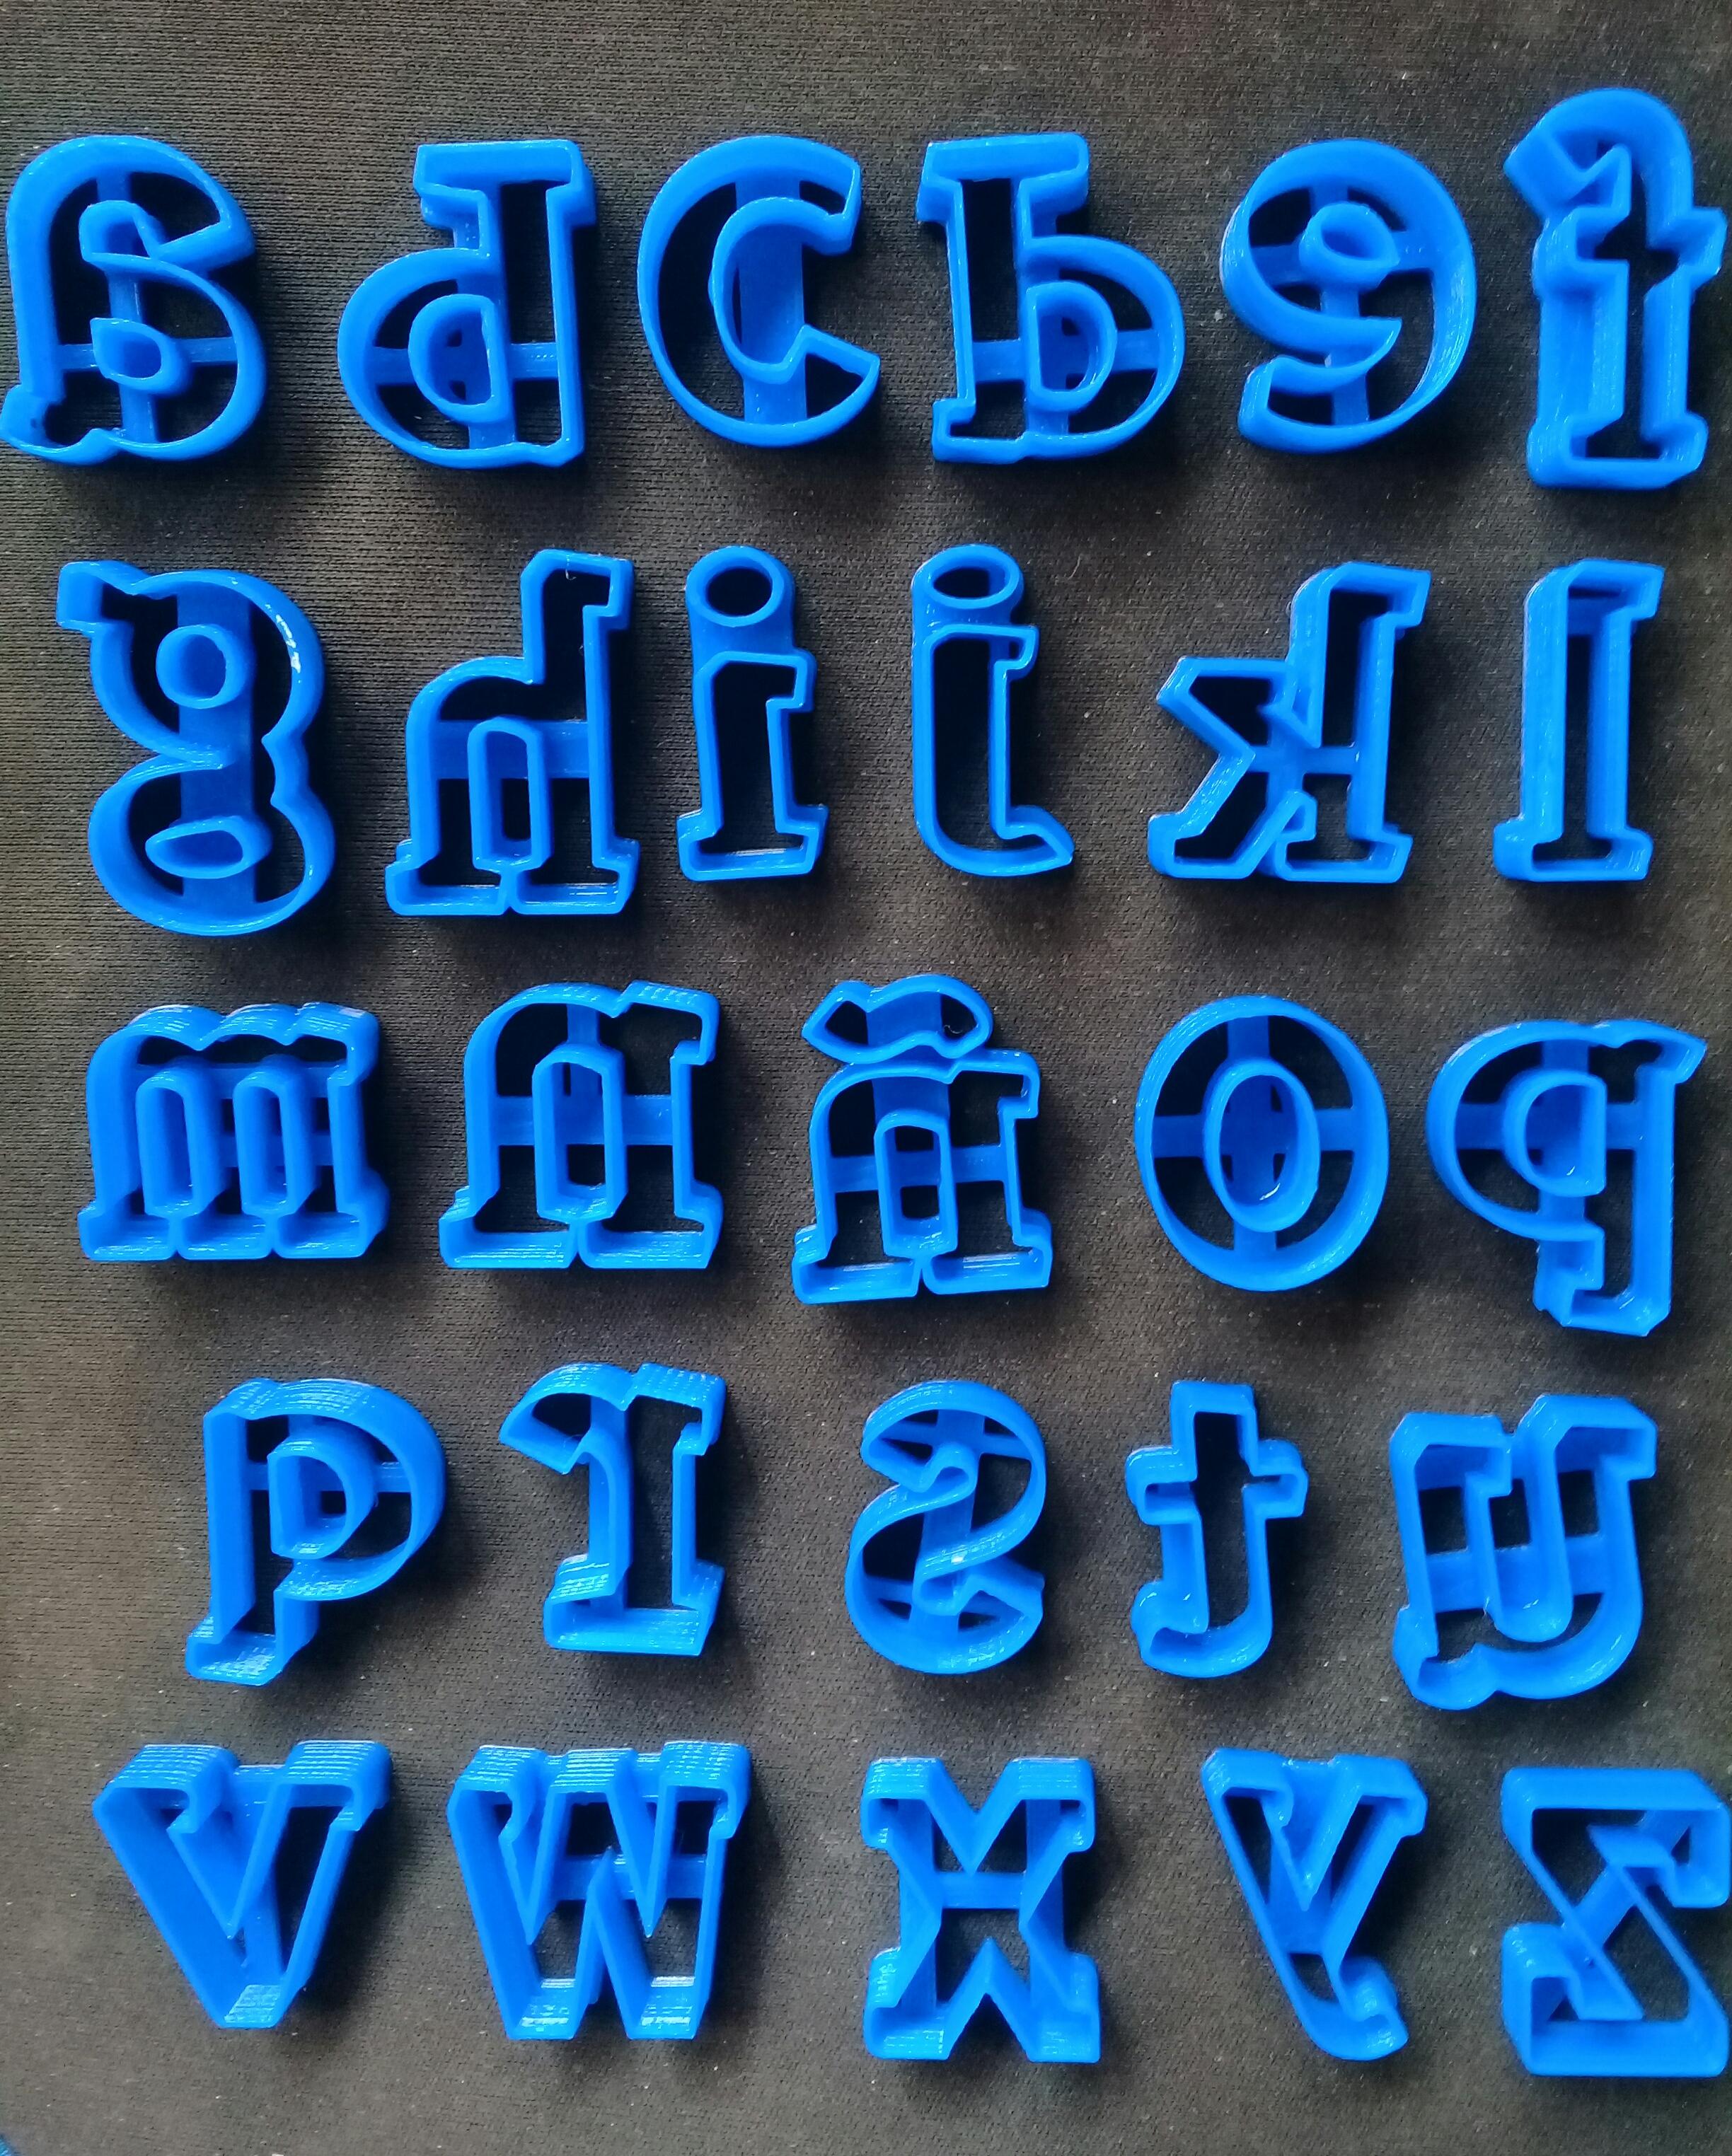 20190816_142155.jpg Télécharger fichier STL gratuit l'emporte-pièce alphabétique complet en minuscules • Modèle à imprimer en 3D, NicoDLC